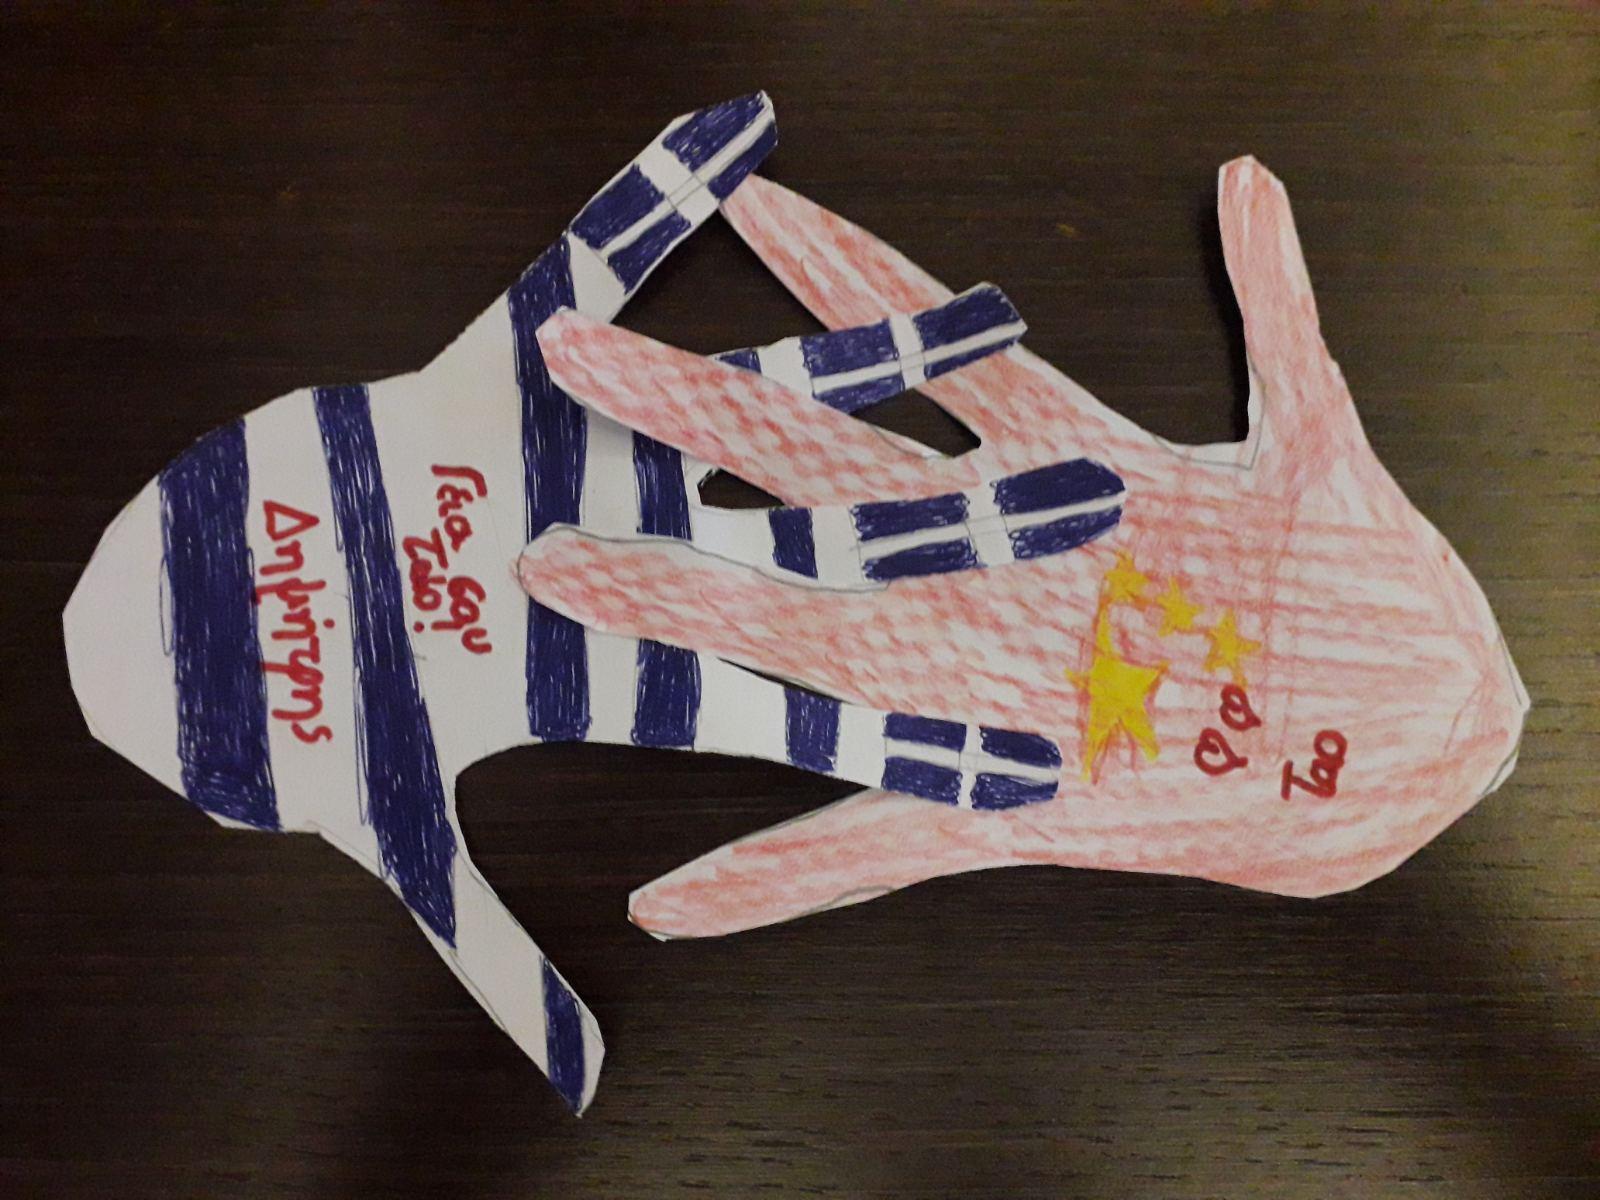 """""""Χέρια φιλίας"""" – Διαδικτυακό εργαστήριο για παιδιά της Δημοτικής Βιβλιοθήκης Λάρισας"""